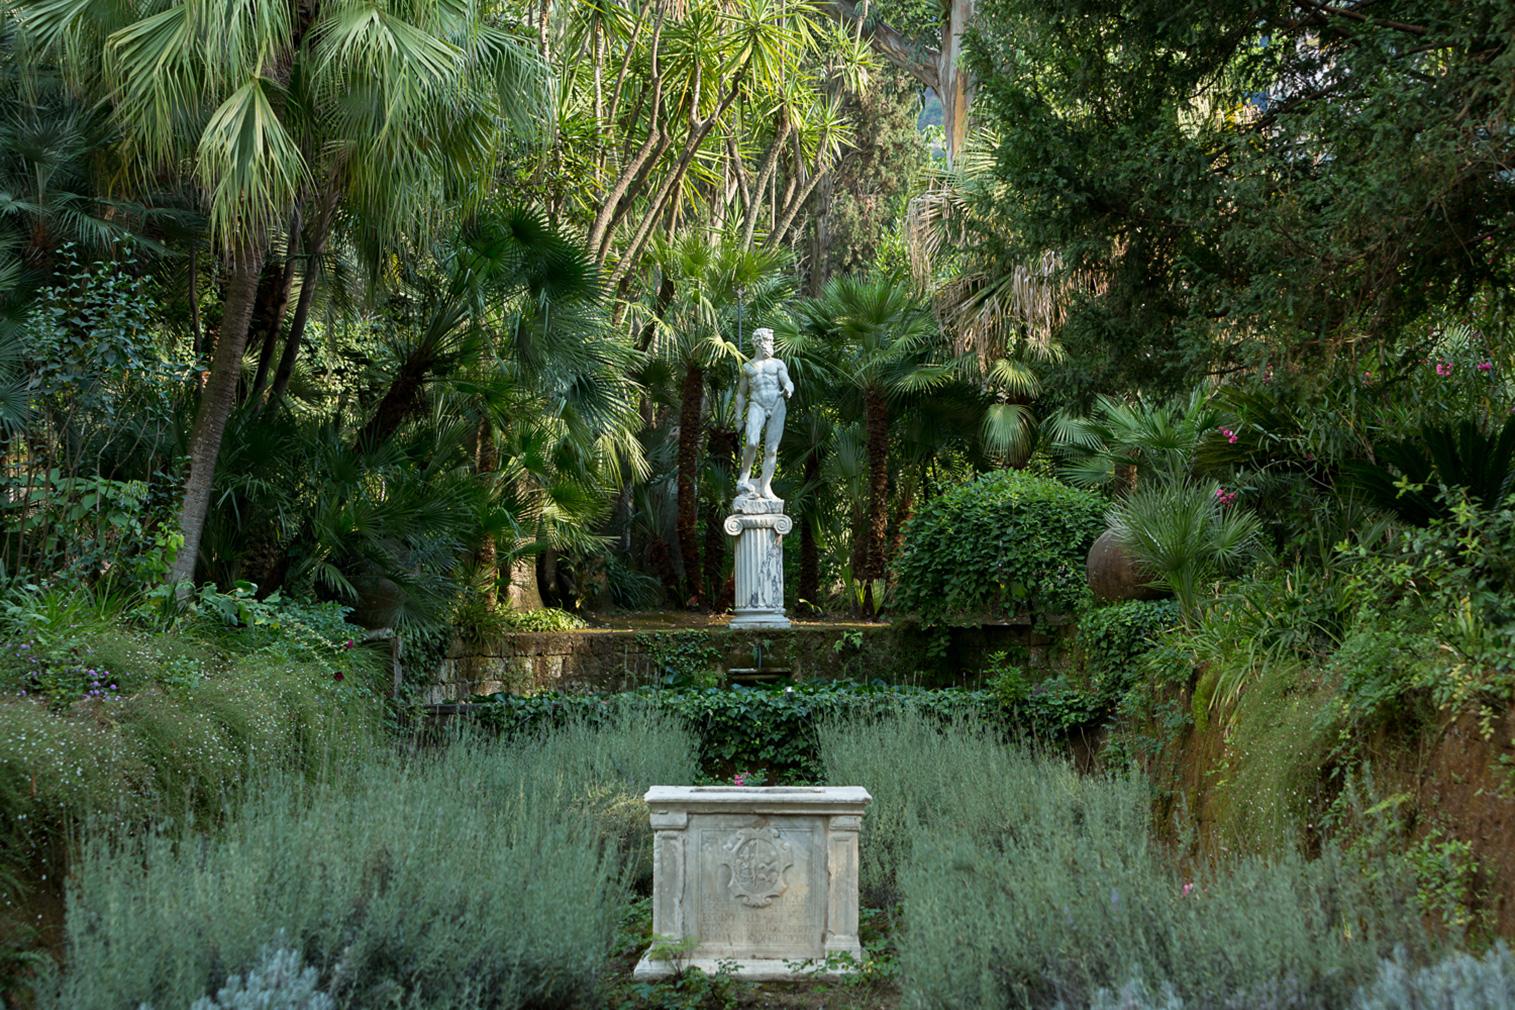 Holiday homes Italy: Villa Giulia Sorrento